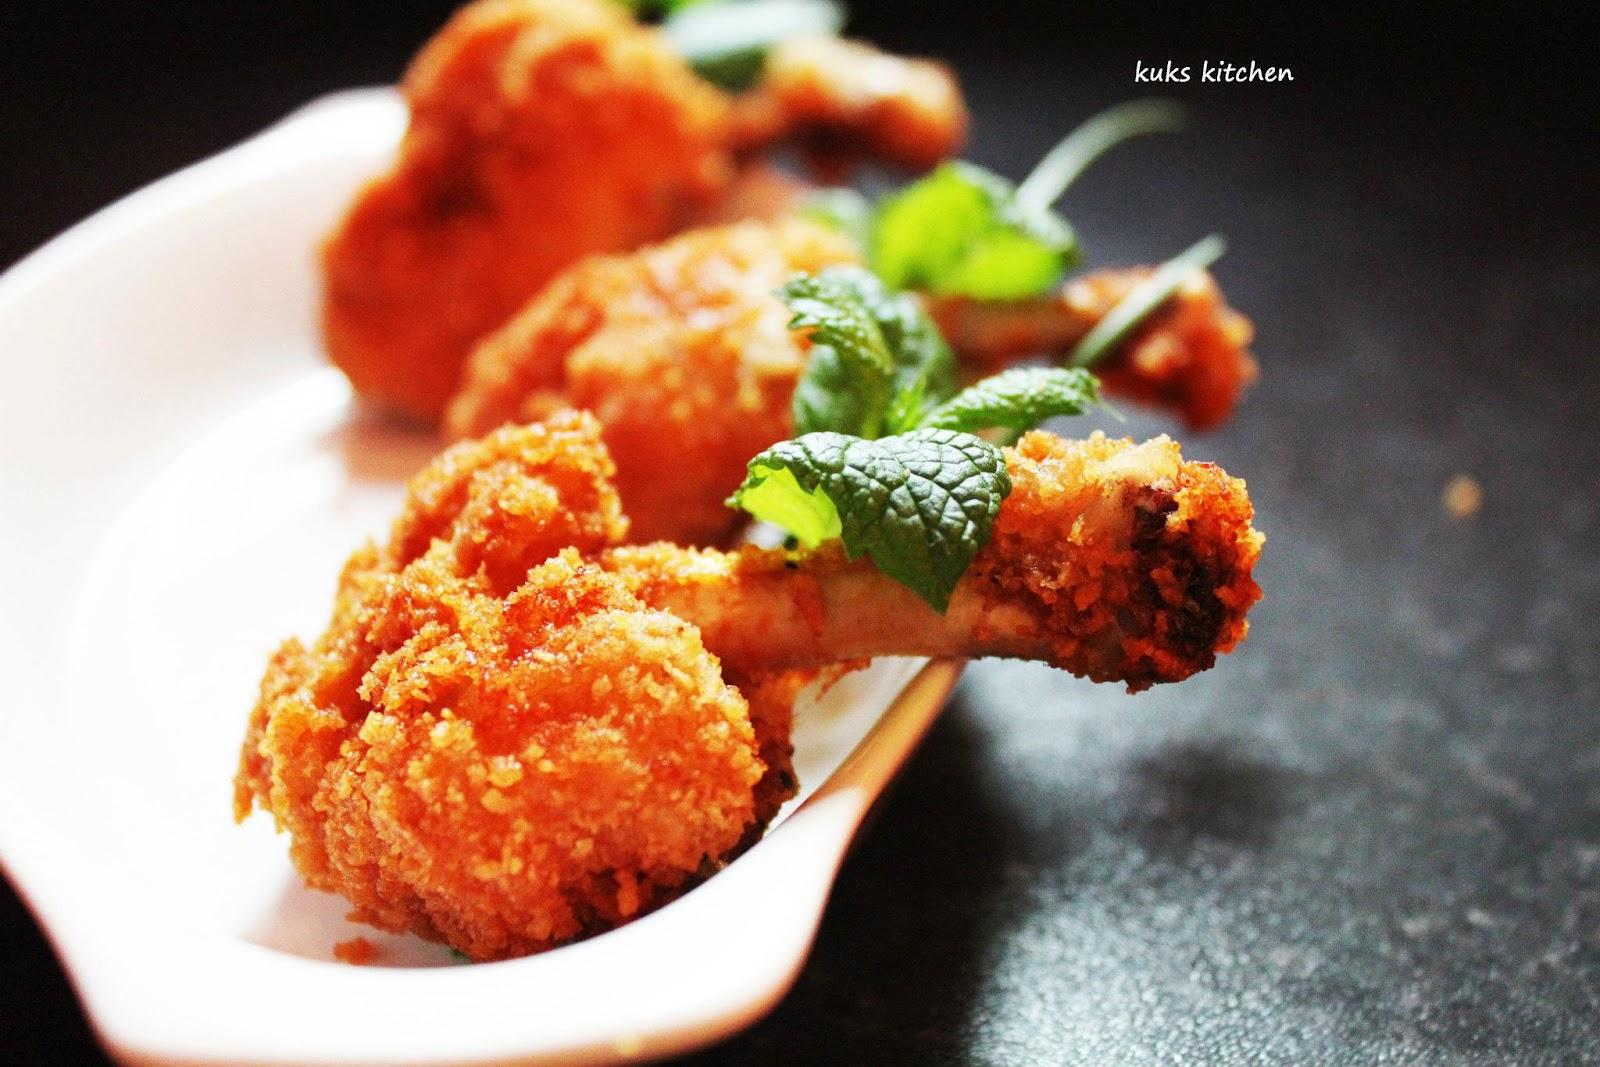 Chicken lollipops | Kukskitchen